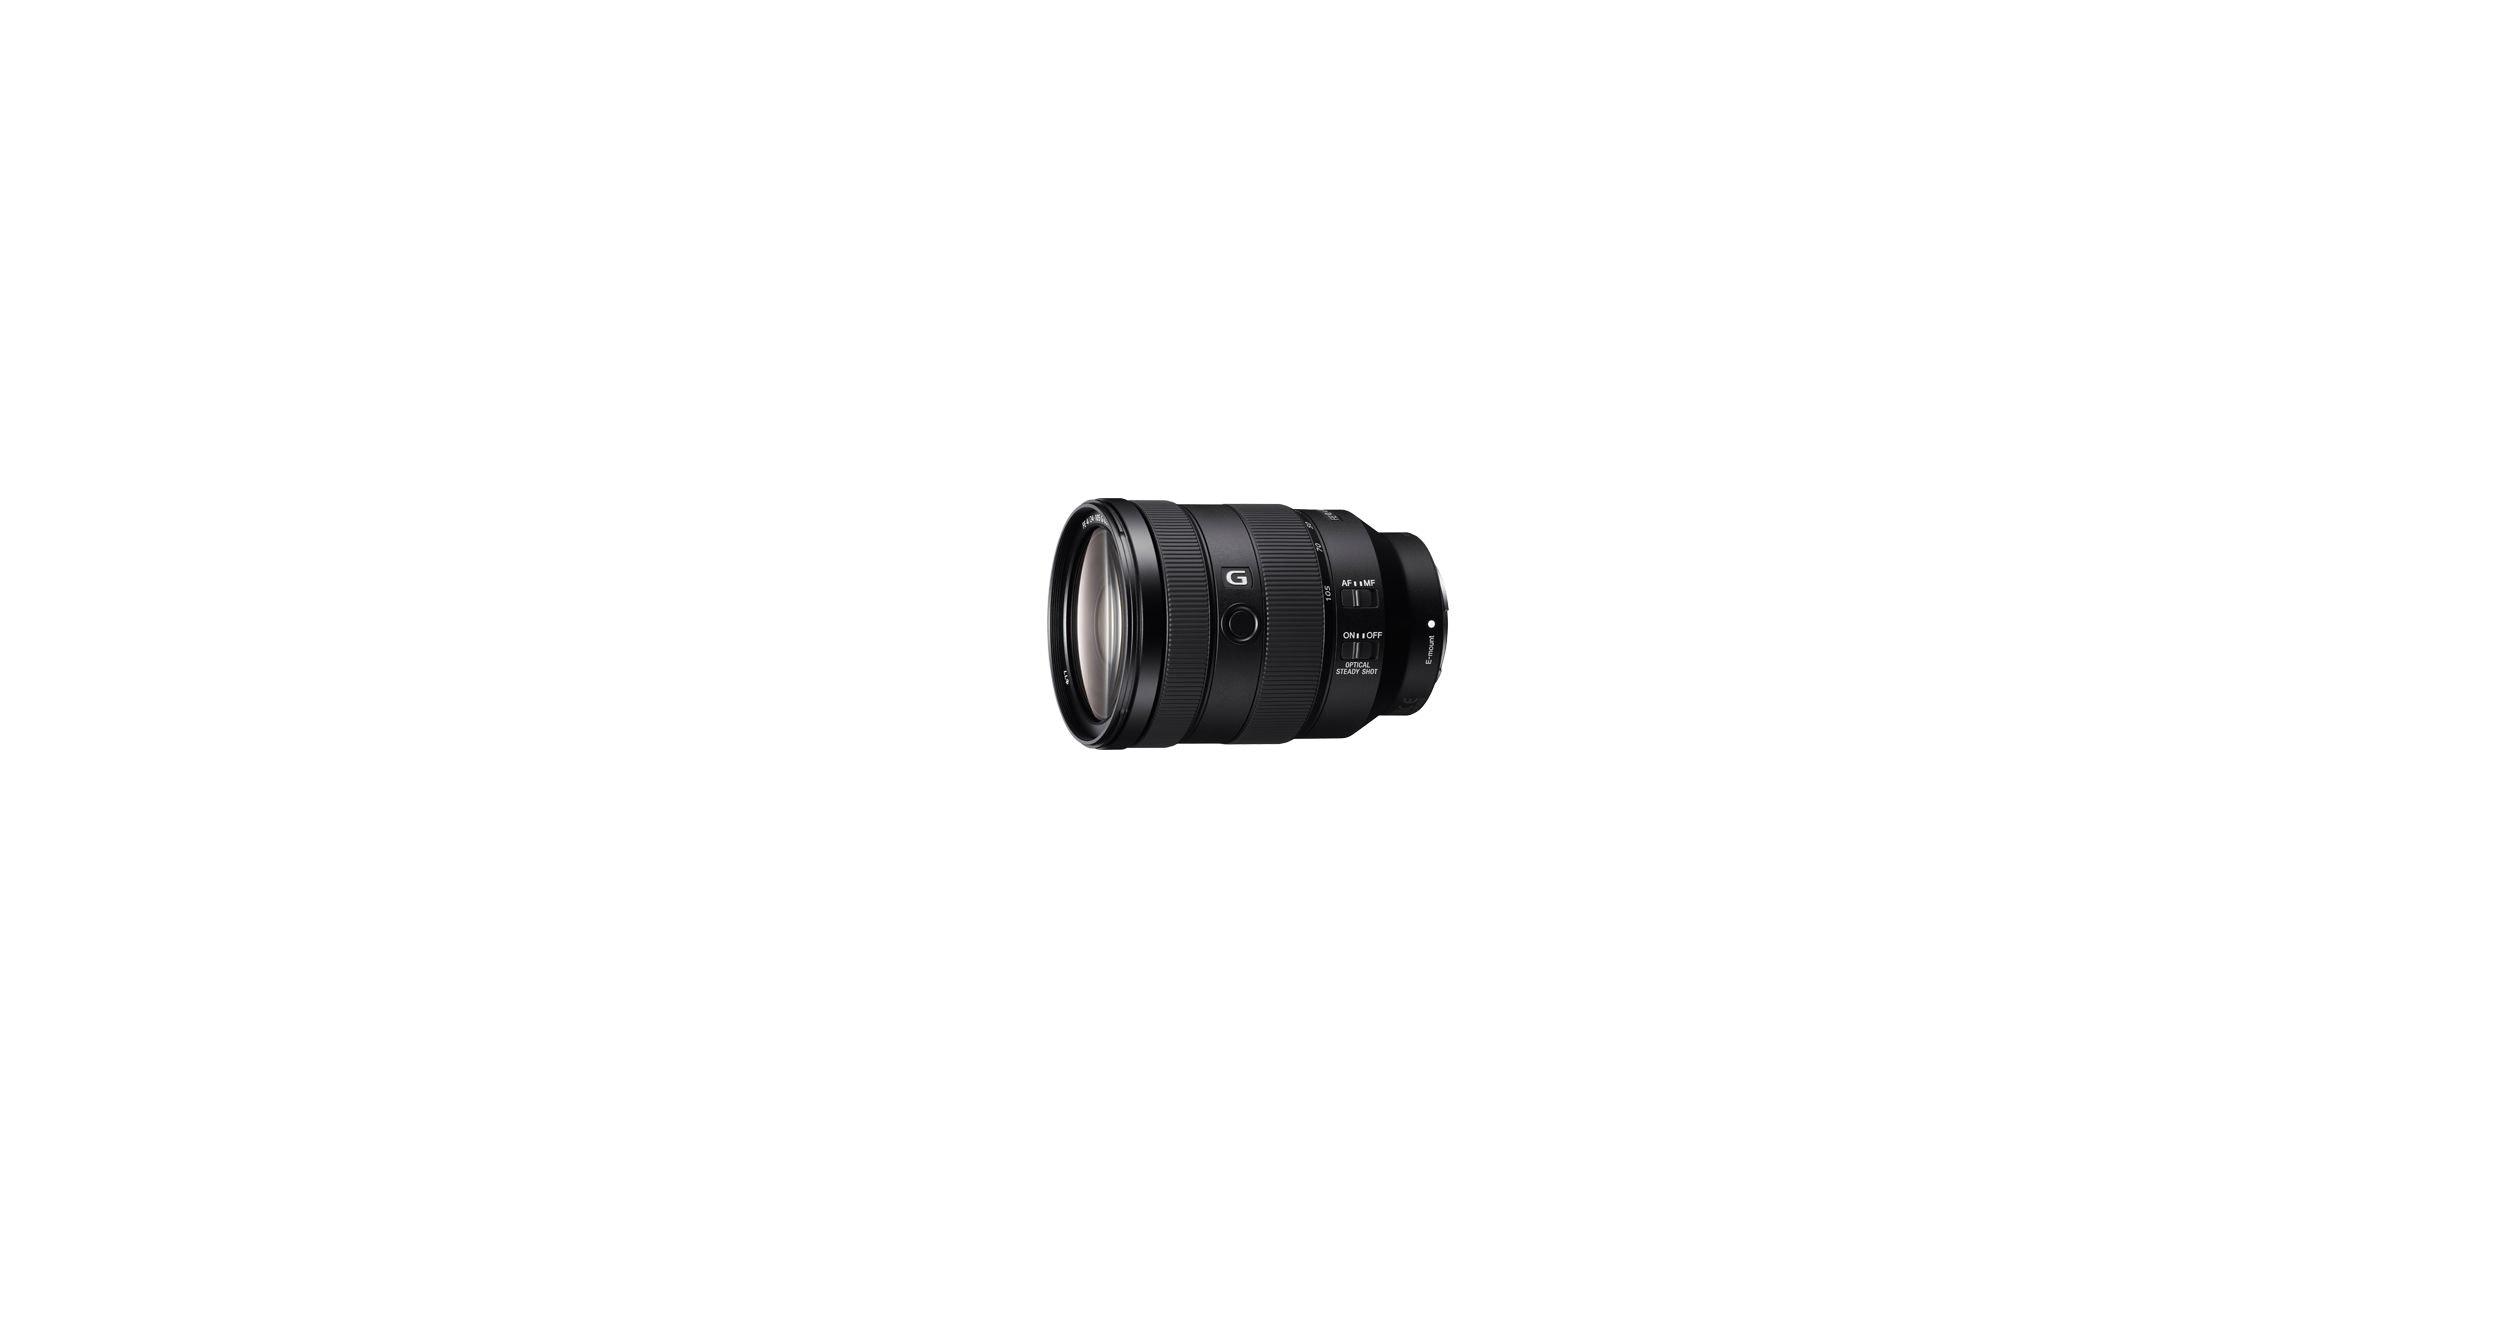 FE 24–105 mm F4 G OSS Lens | SEL24105G | Sony US